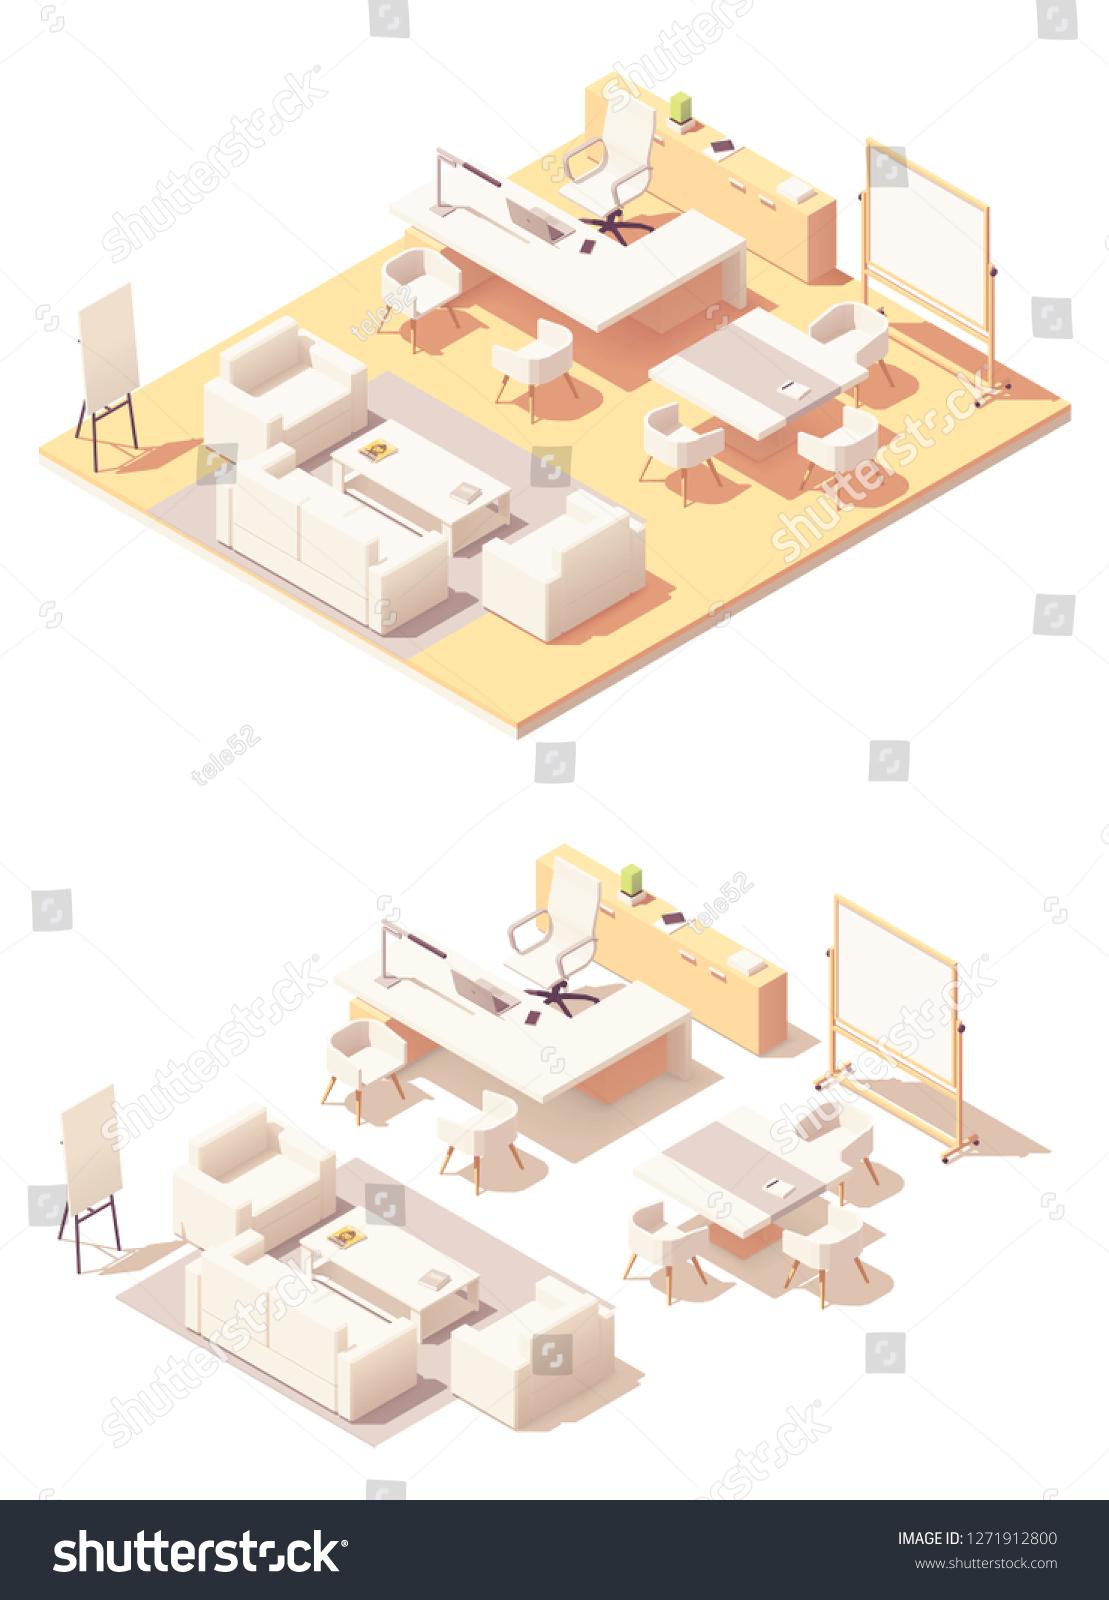 Vector De Stock Libre De Regalias Sobre Vector Isometric Ceo Office Interior White1271912800